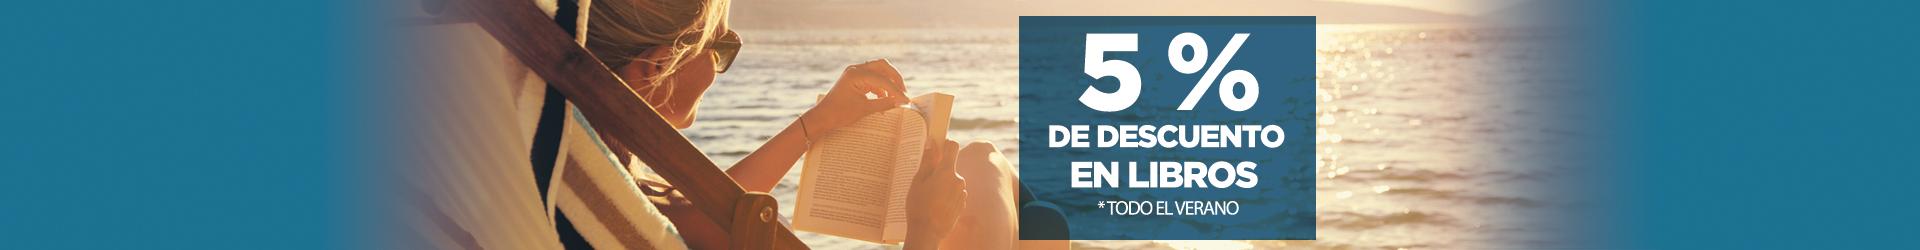 Libros en Tienda Heraldo de Aragón